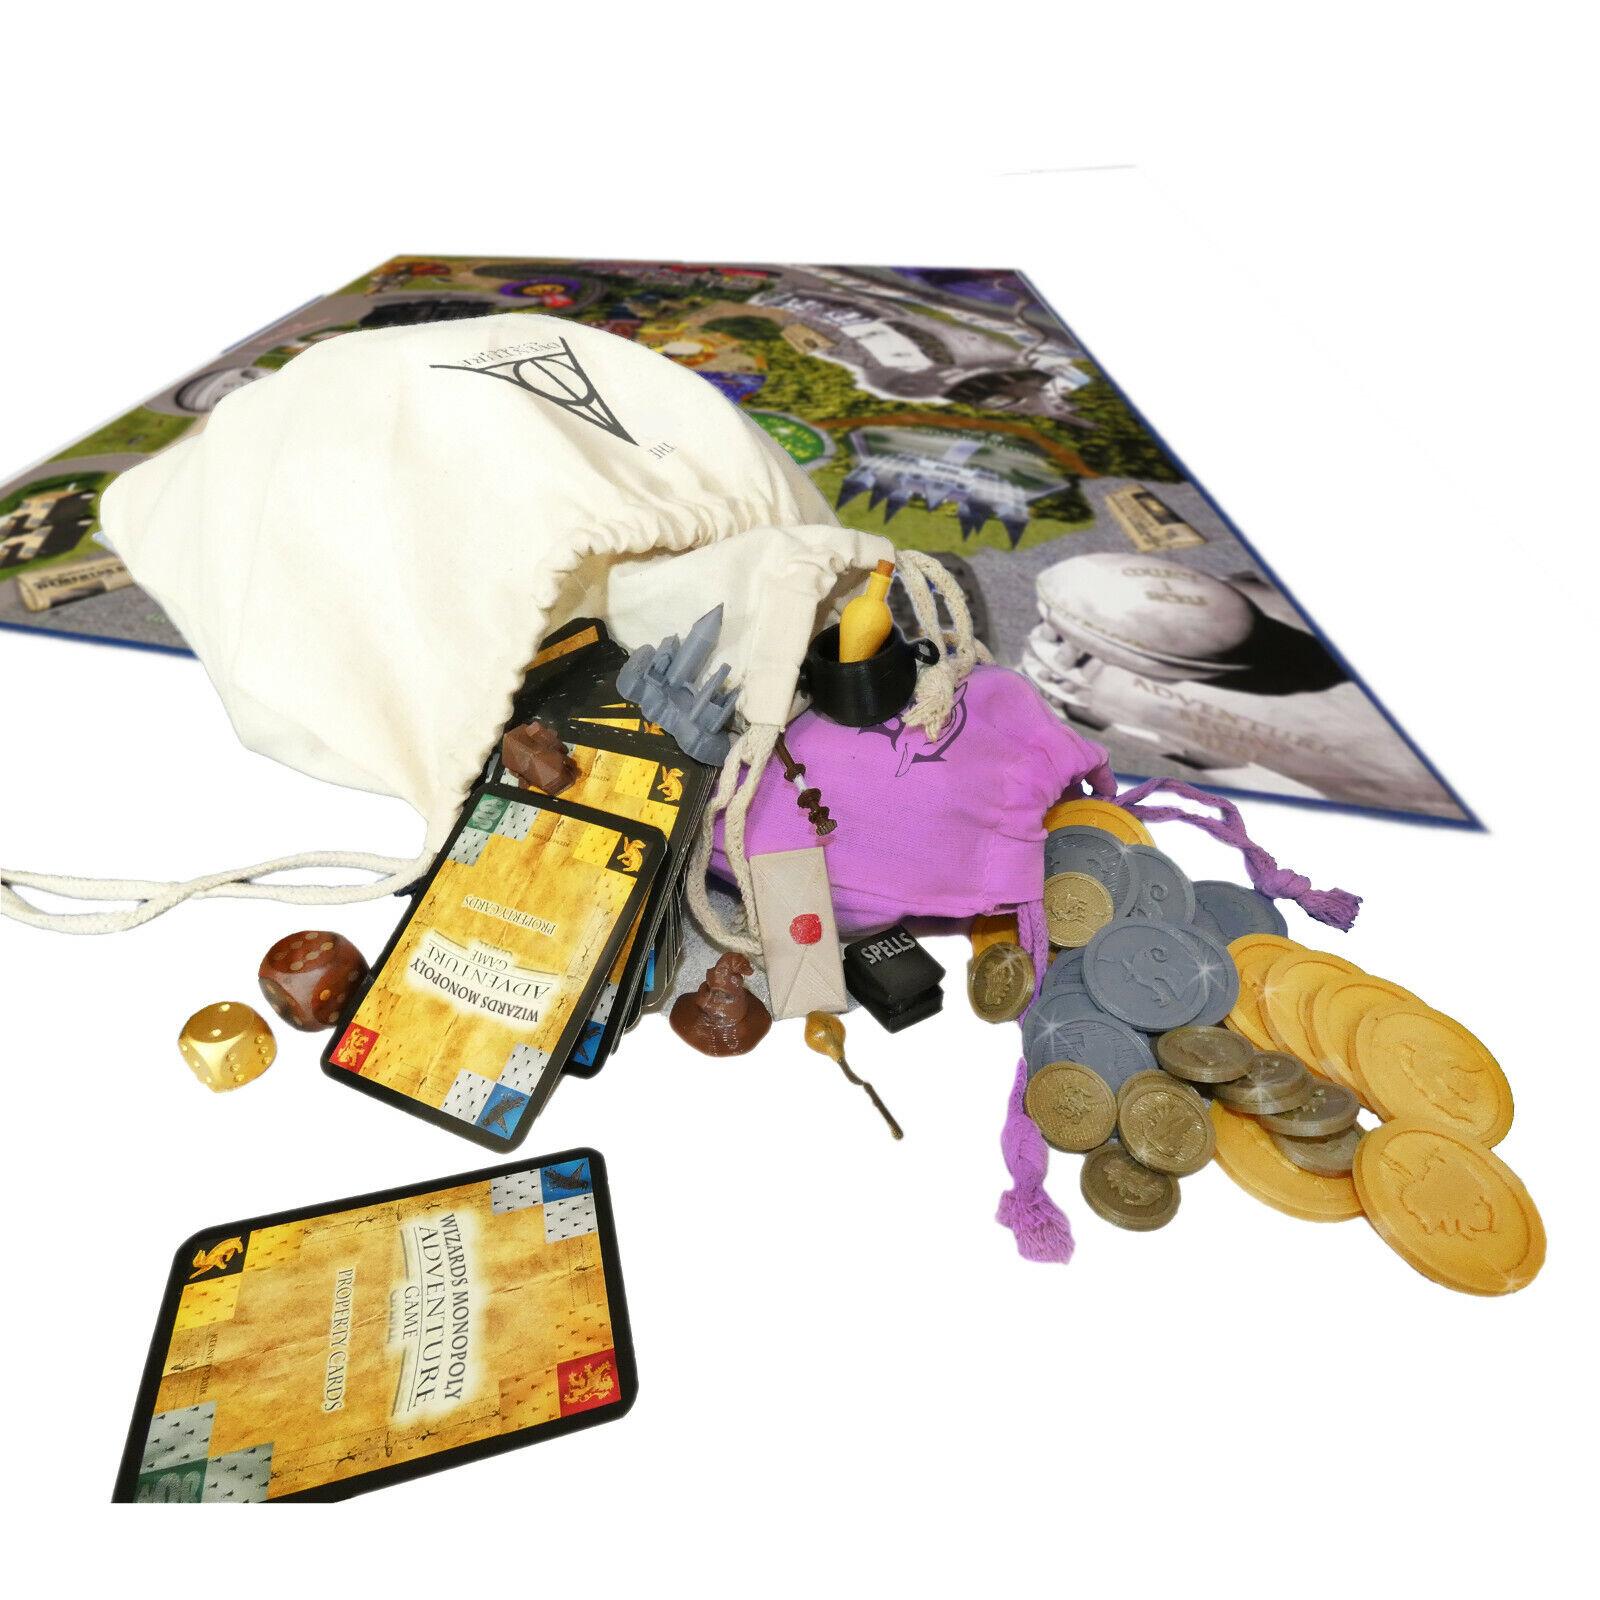 Harry Potter Adventure  gioco - Monopoly Style  offrendo il 100%